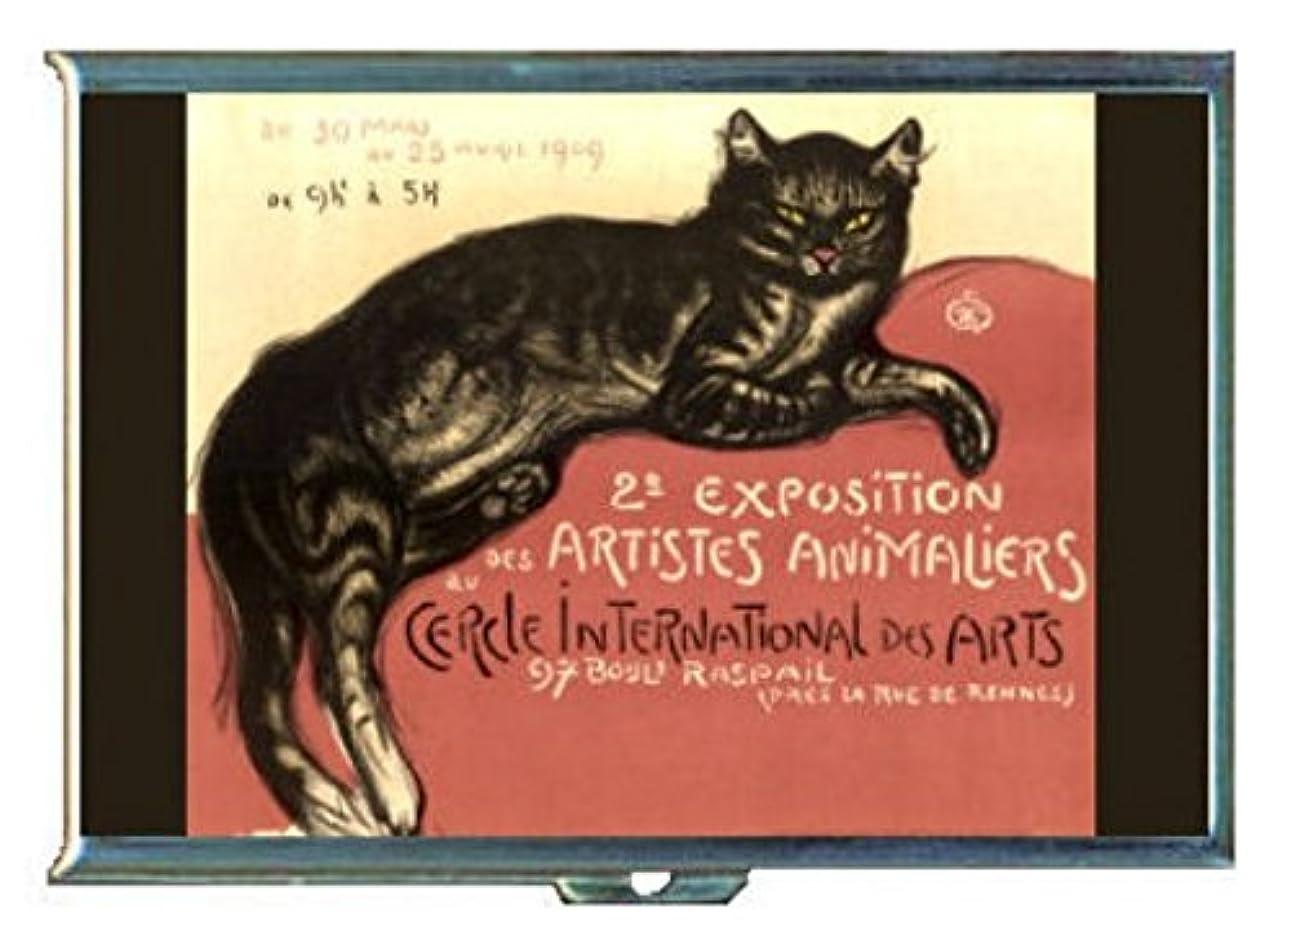 音節びっくりするナラーバーフランス語Chat Noir Black CatステンレススチールIDまたはCigarettesケース( Kingサイズまたは100?mm )